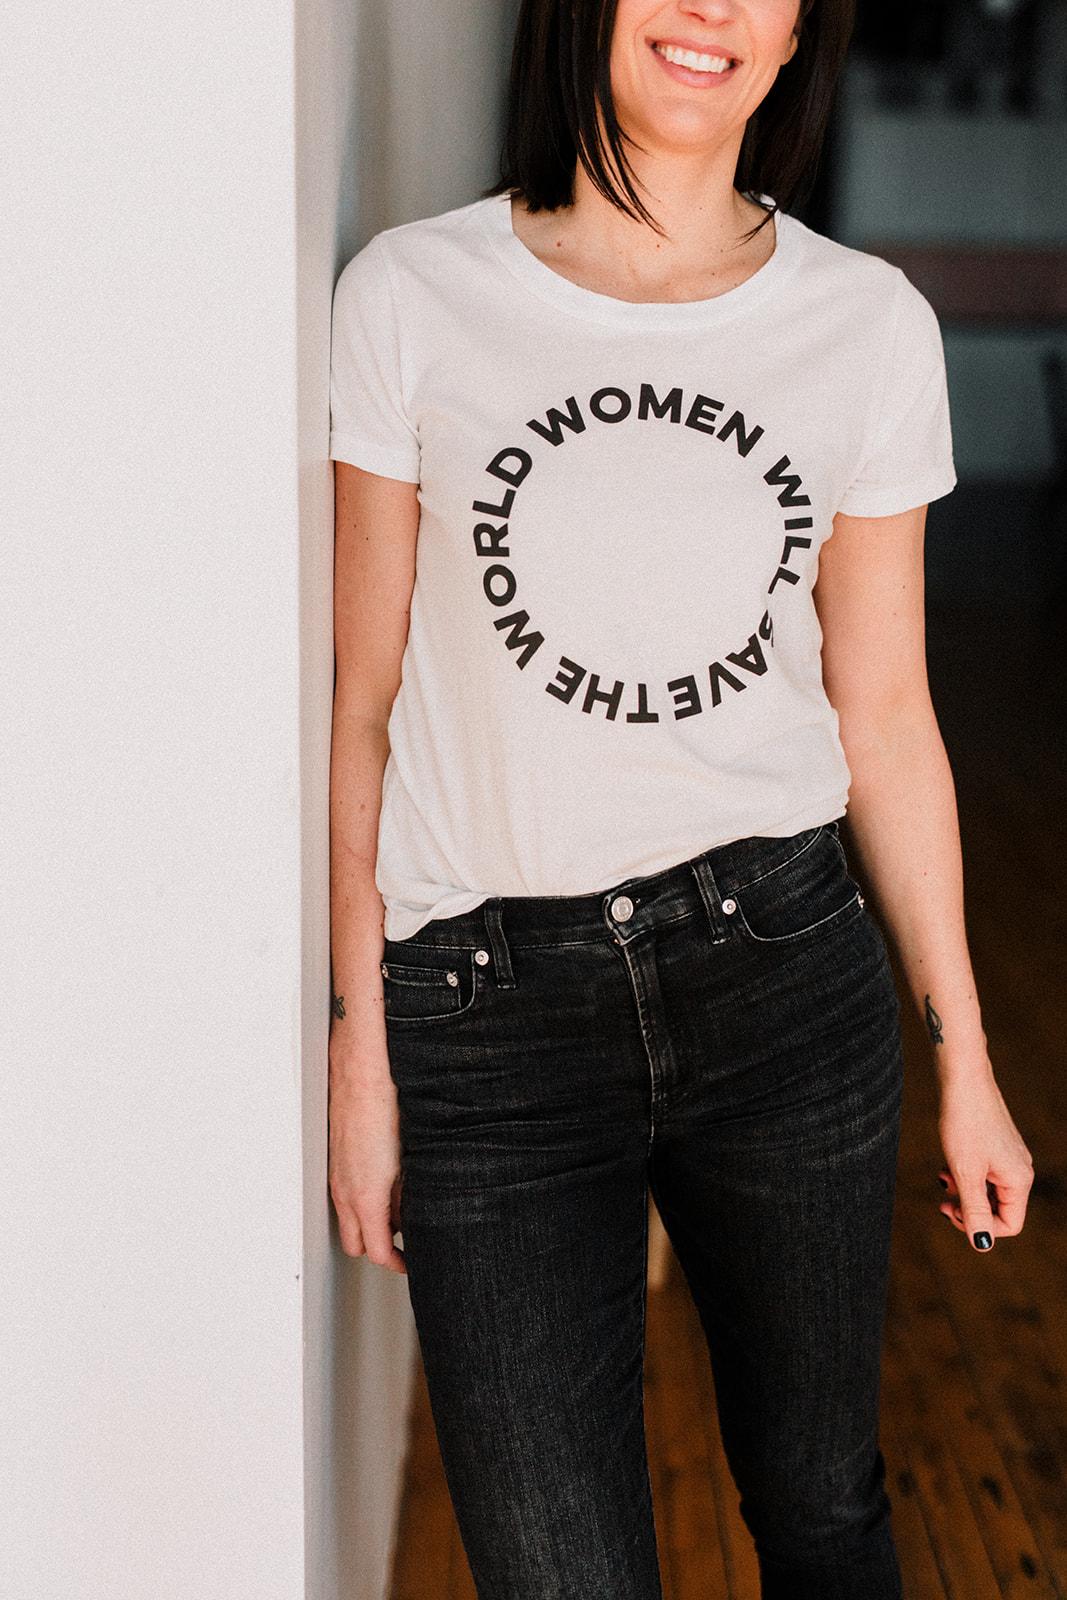 Lyndsey Macmillan, The Indie Queens team